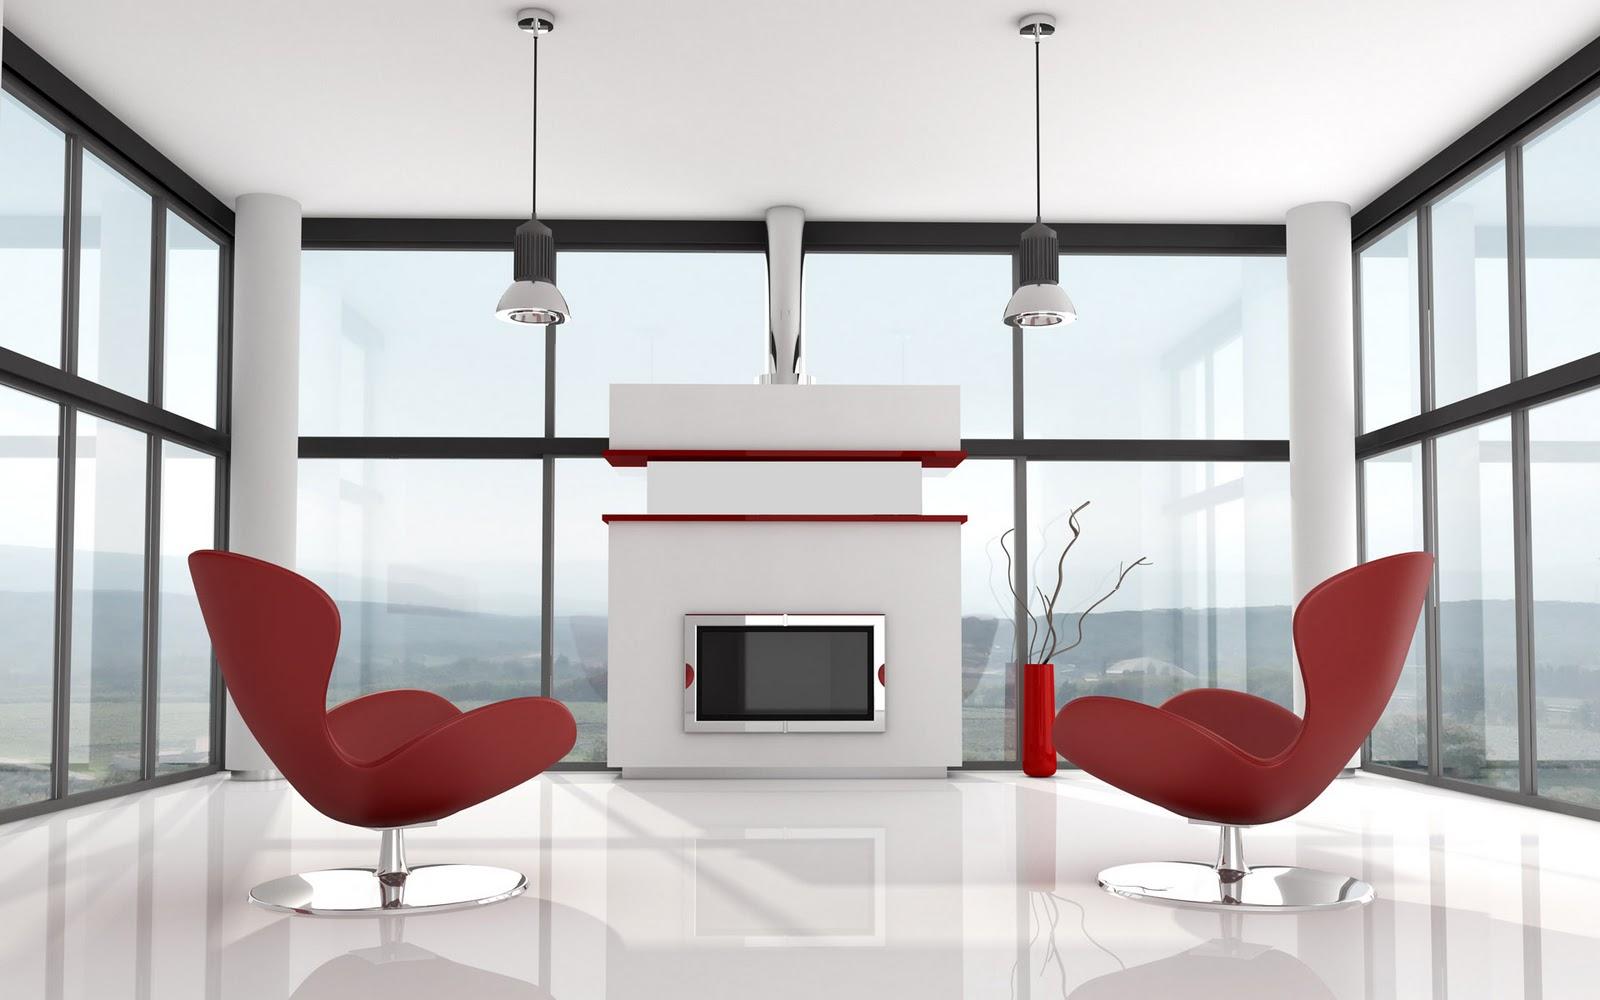 http://4.bp.blogspot.com/-Mev9N6Kv0Y0/UBfEr24fVgI/AAAAAAAADtA/cm8bXfA6KTU/s1600/Living-Room-wallpaper-2.jpg